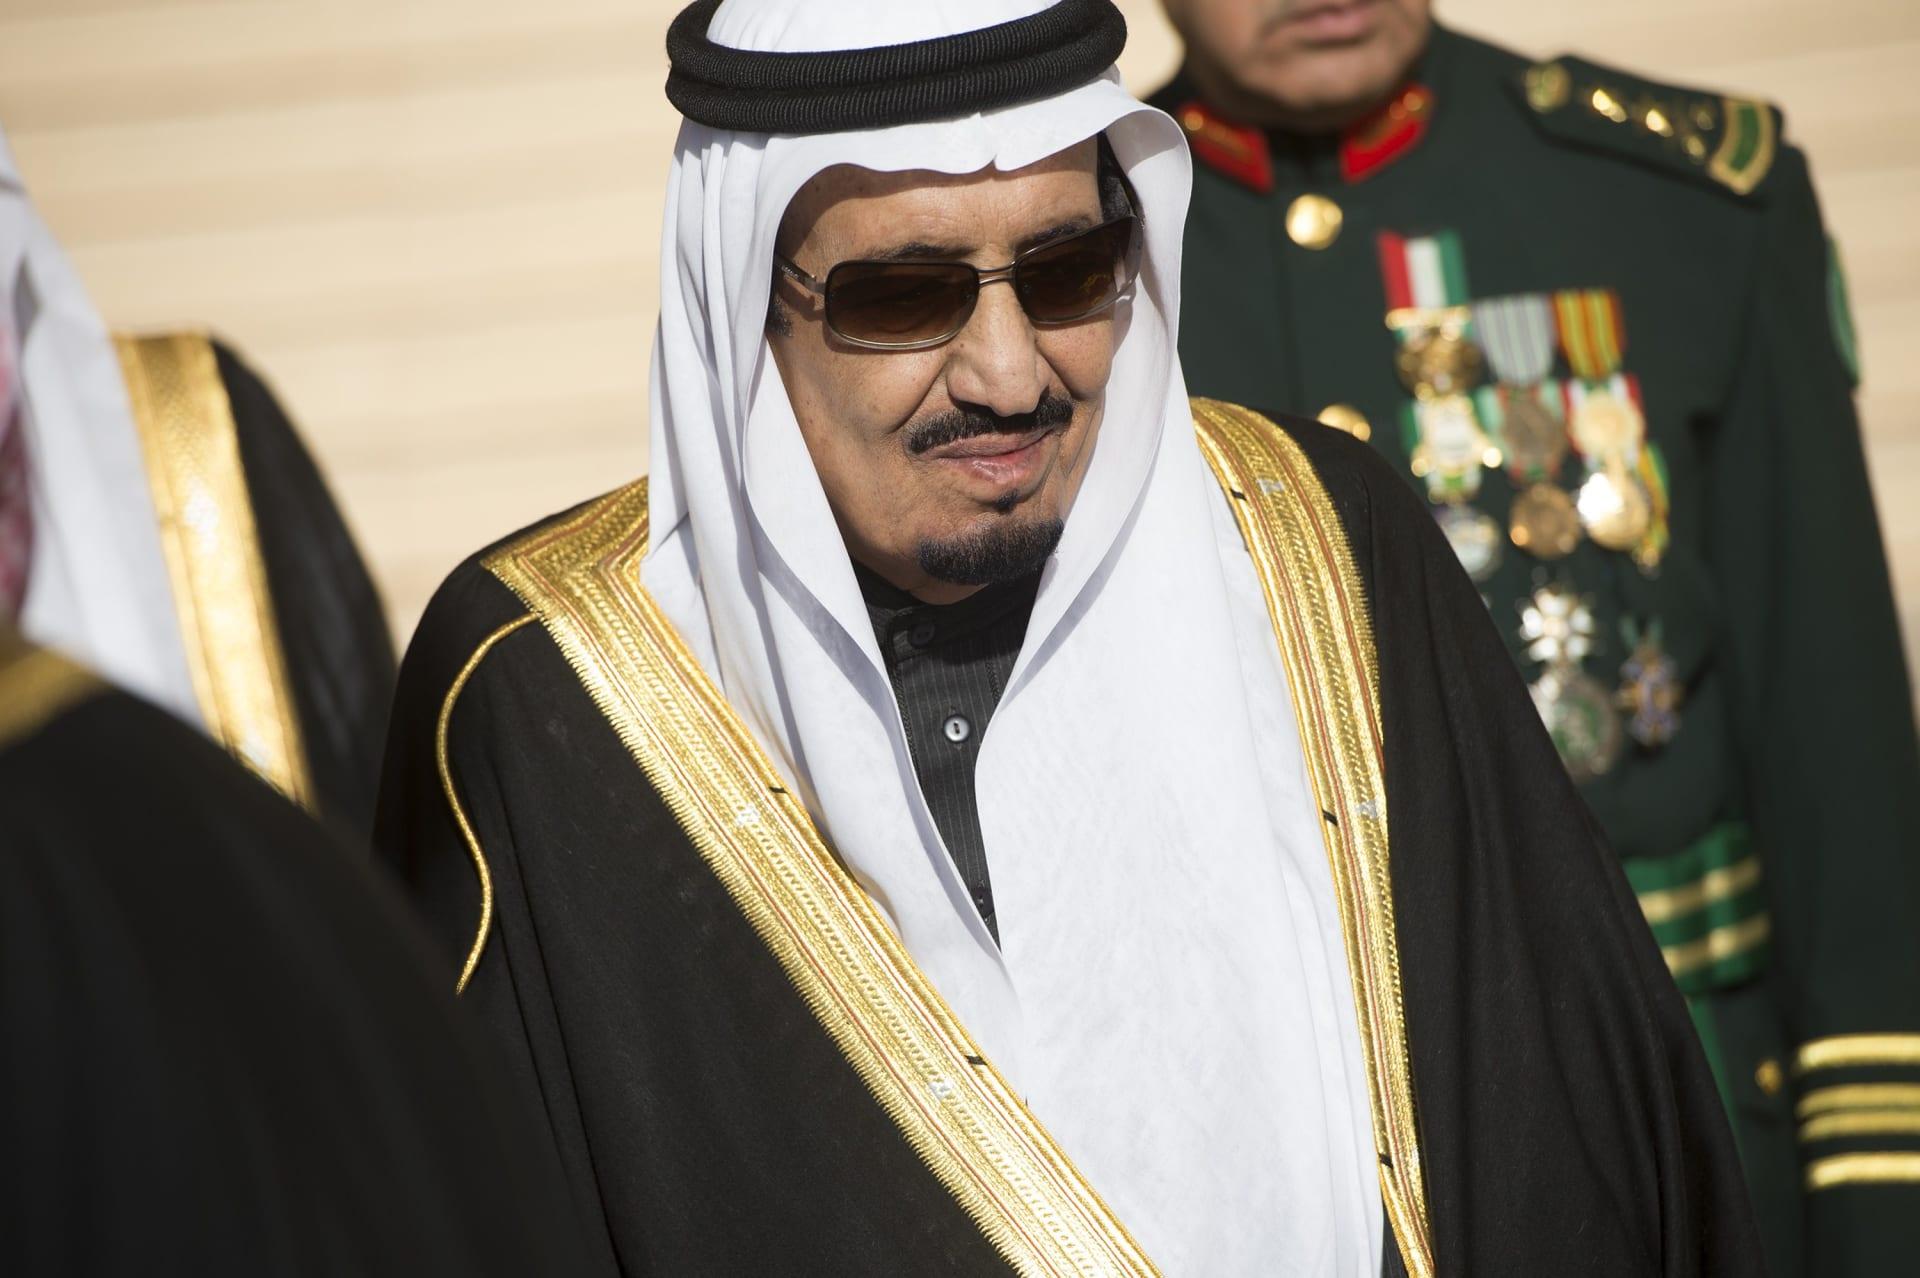 الديوان الملكي السعودي: الملك سلمان دخل مستشفى بالرياض لإجراء فحوصات طبية